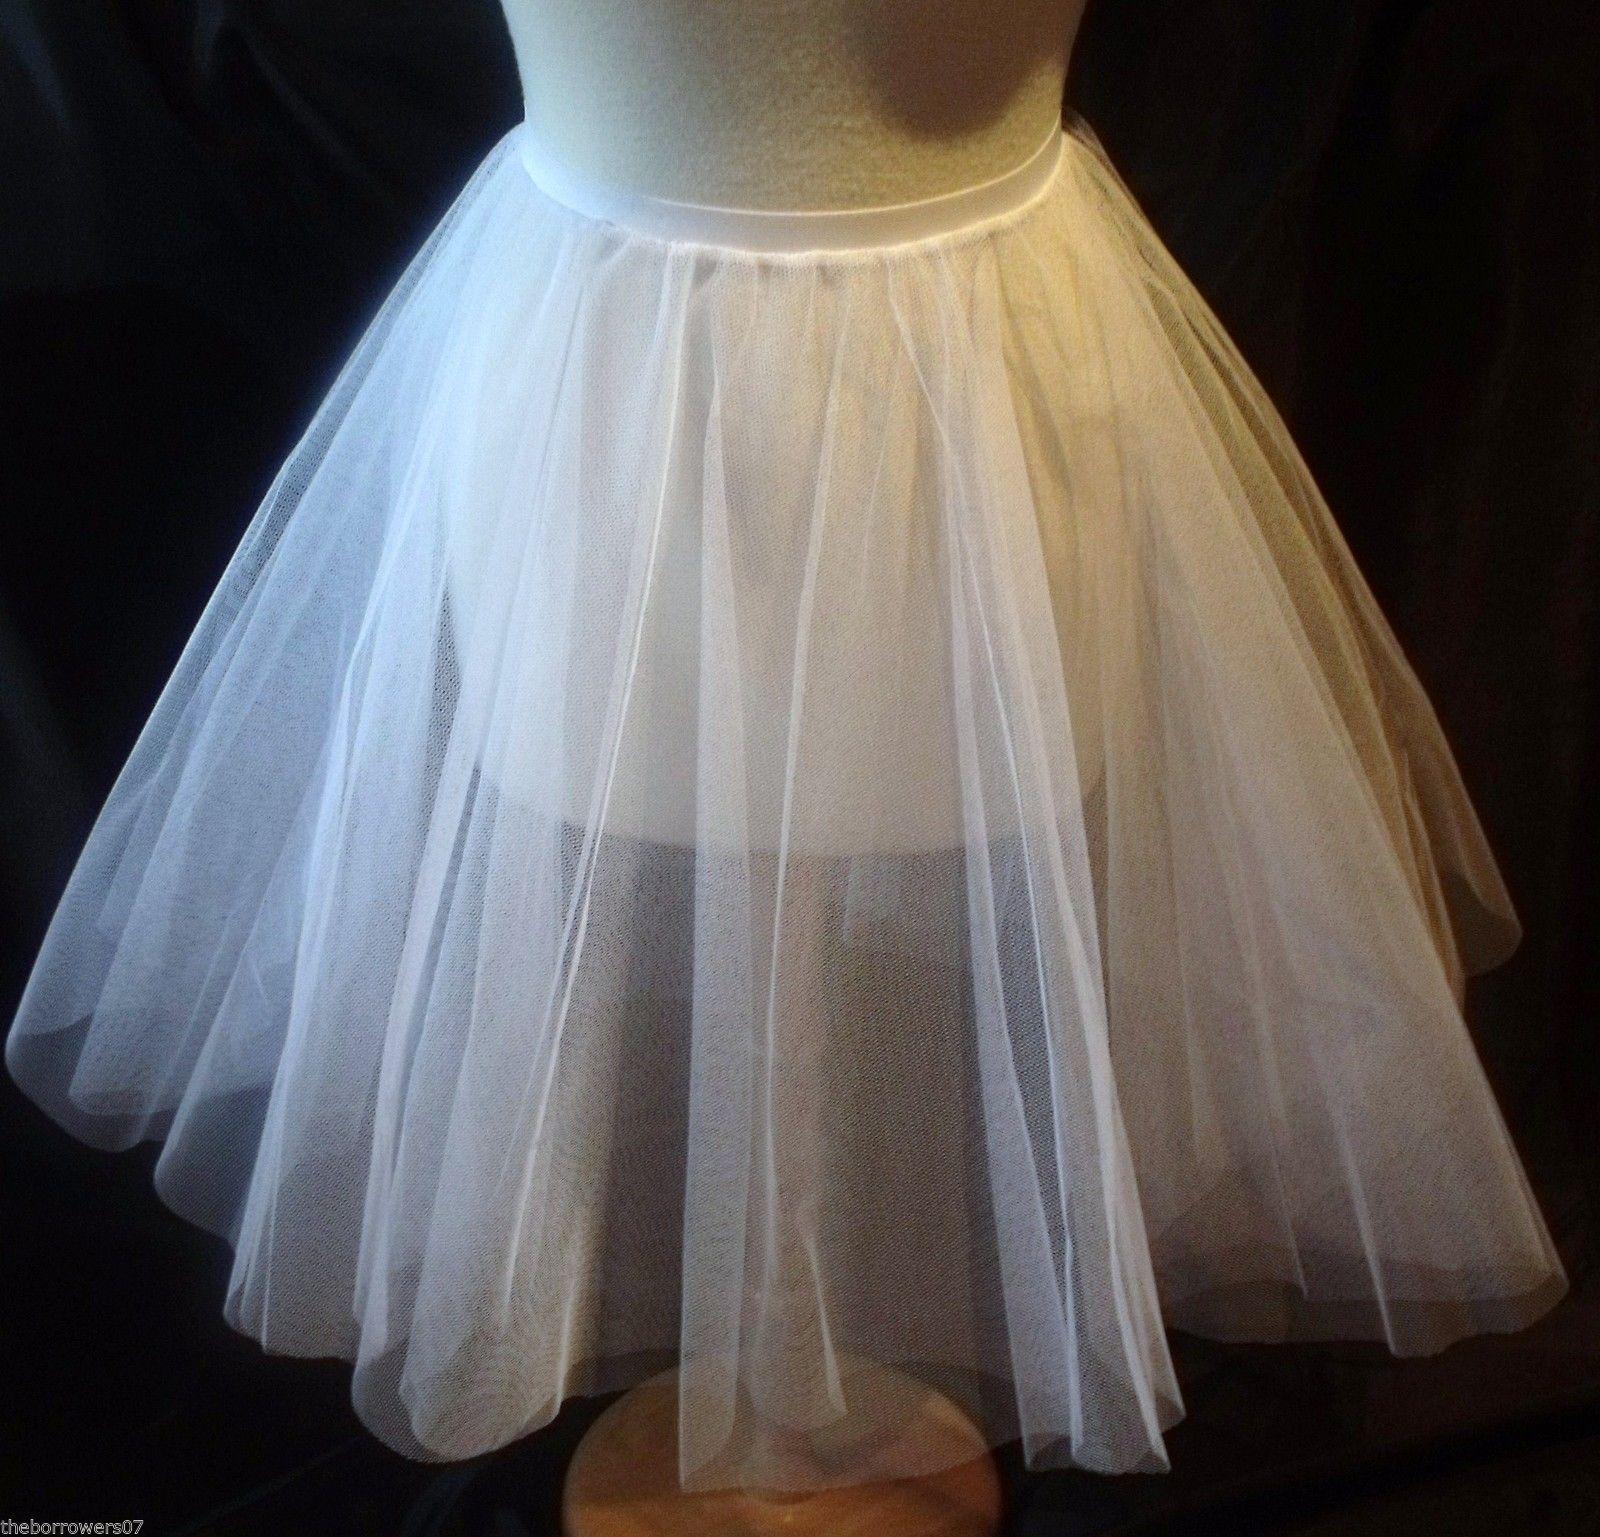 Childrens Net Circle Underk-skirt Dancewear Formal Dress Netting Petticoat UK